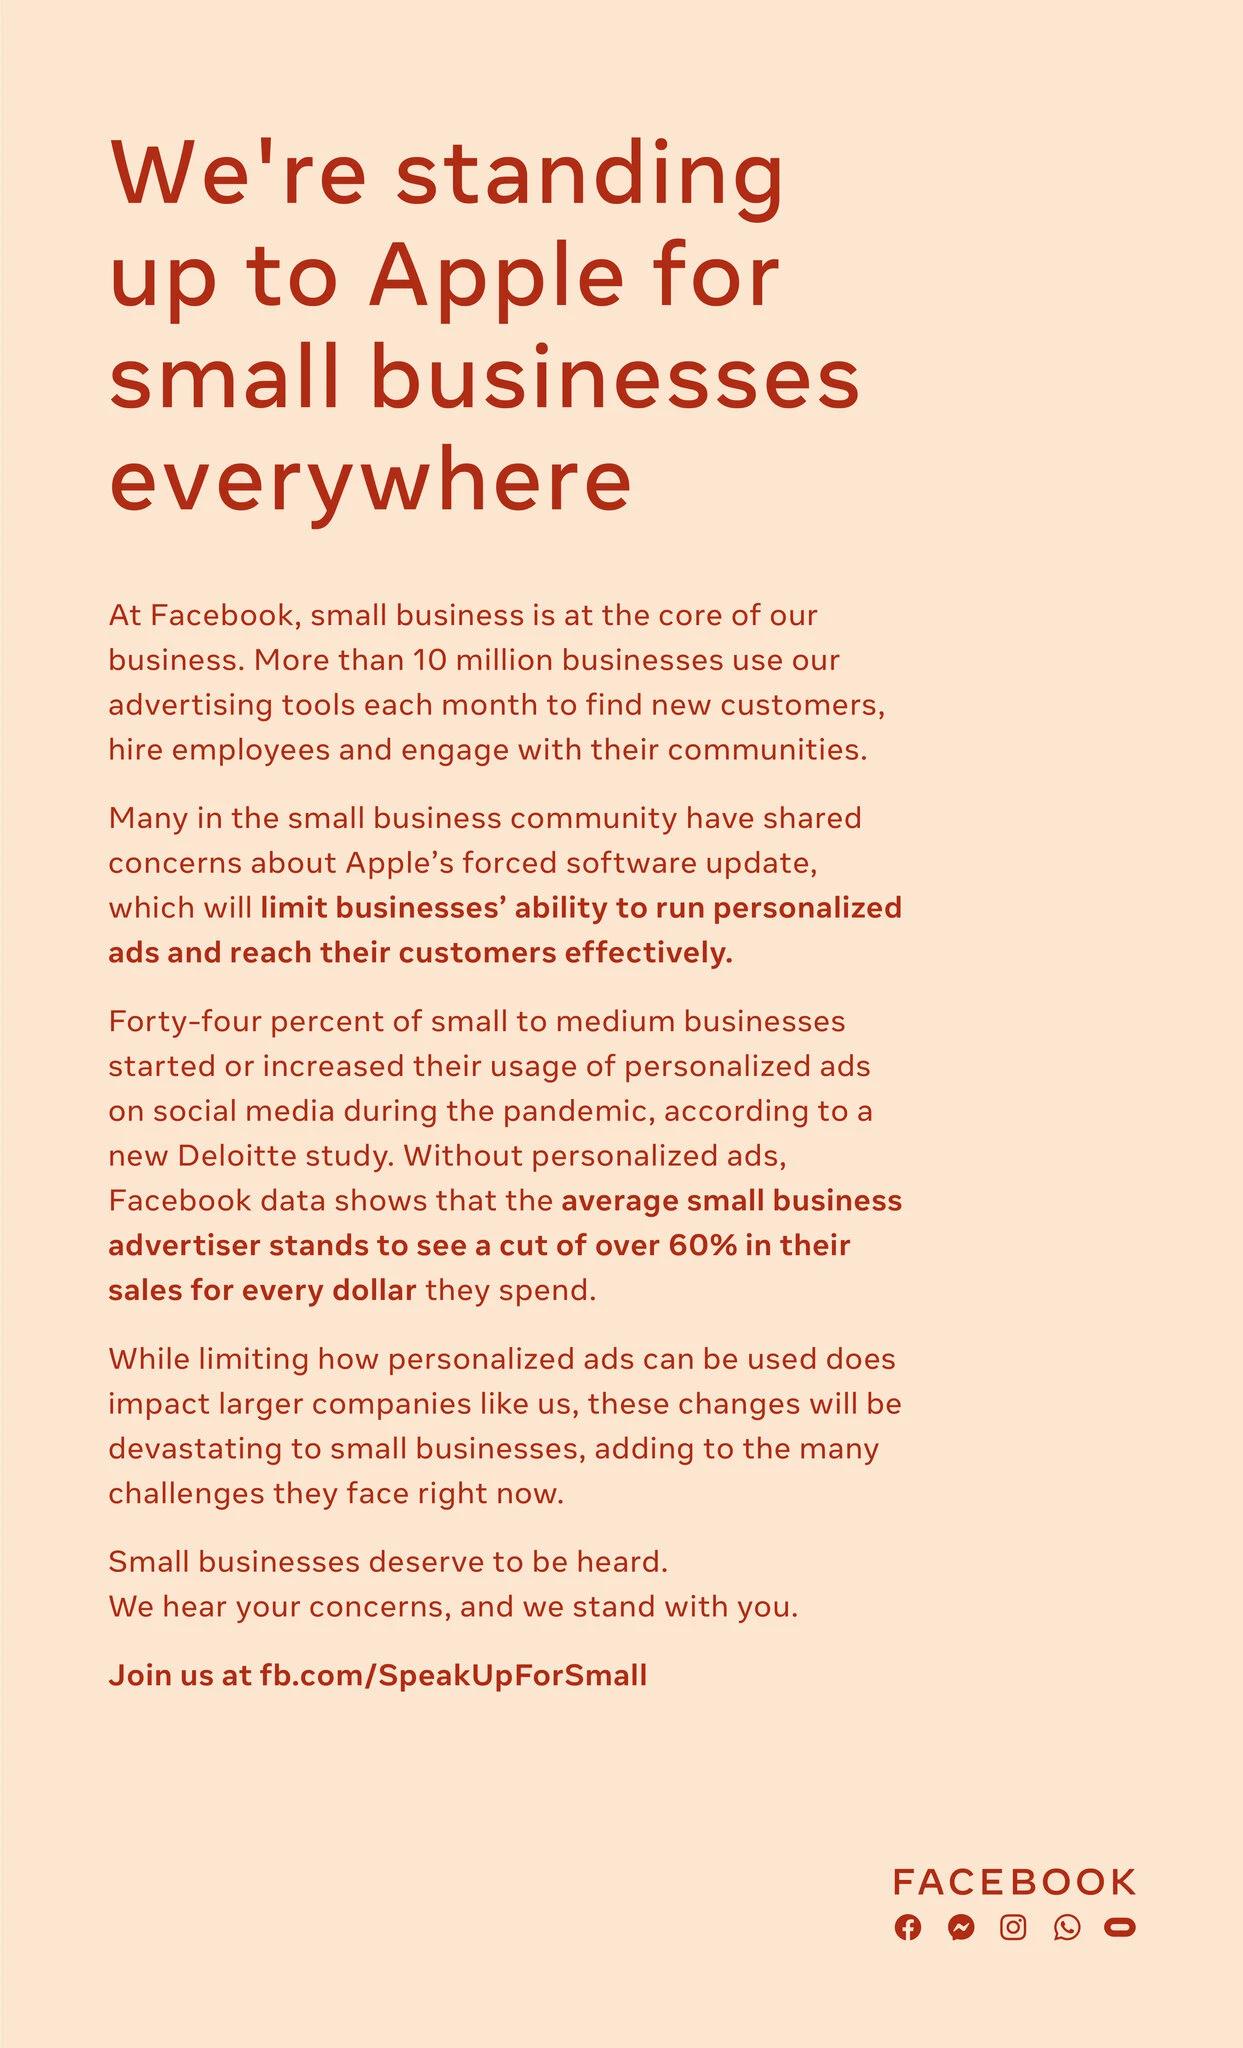 Anúncio do Facebook, de página inteira, veiculado no The New York Times, com uma mensagem contra as medidas de privacidade anunciadas pela Apple. Foto: The New York Times.